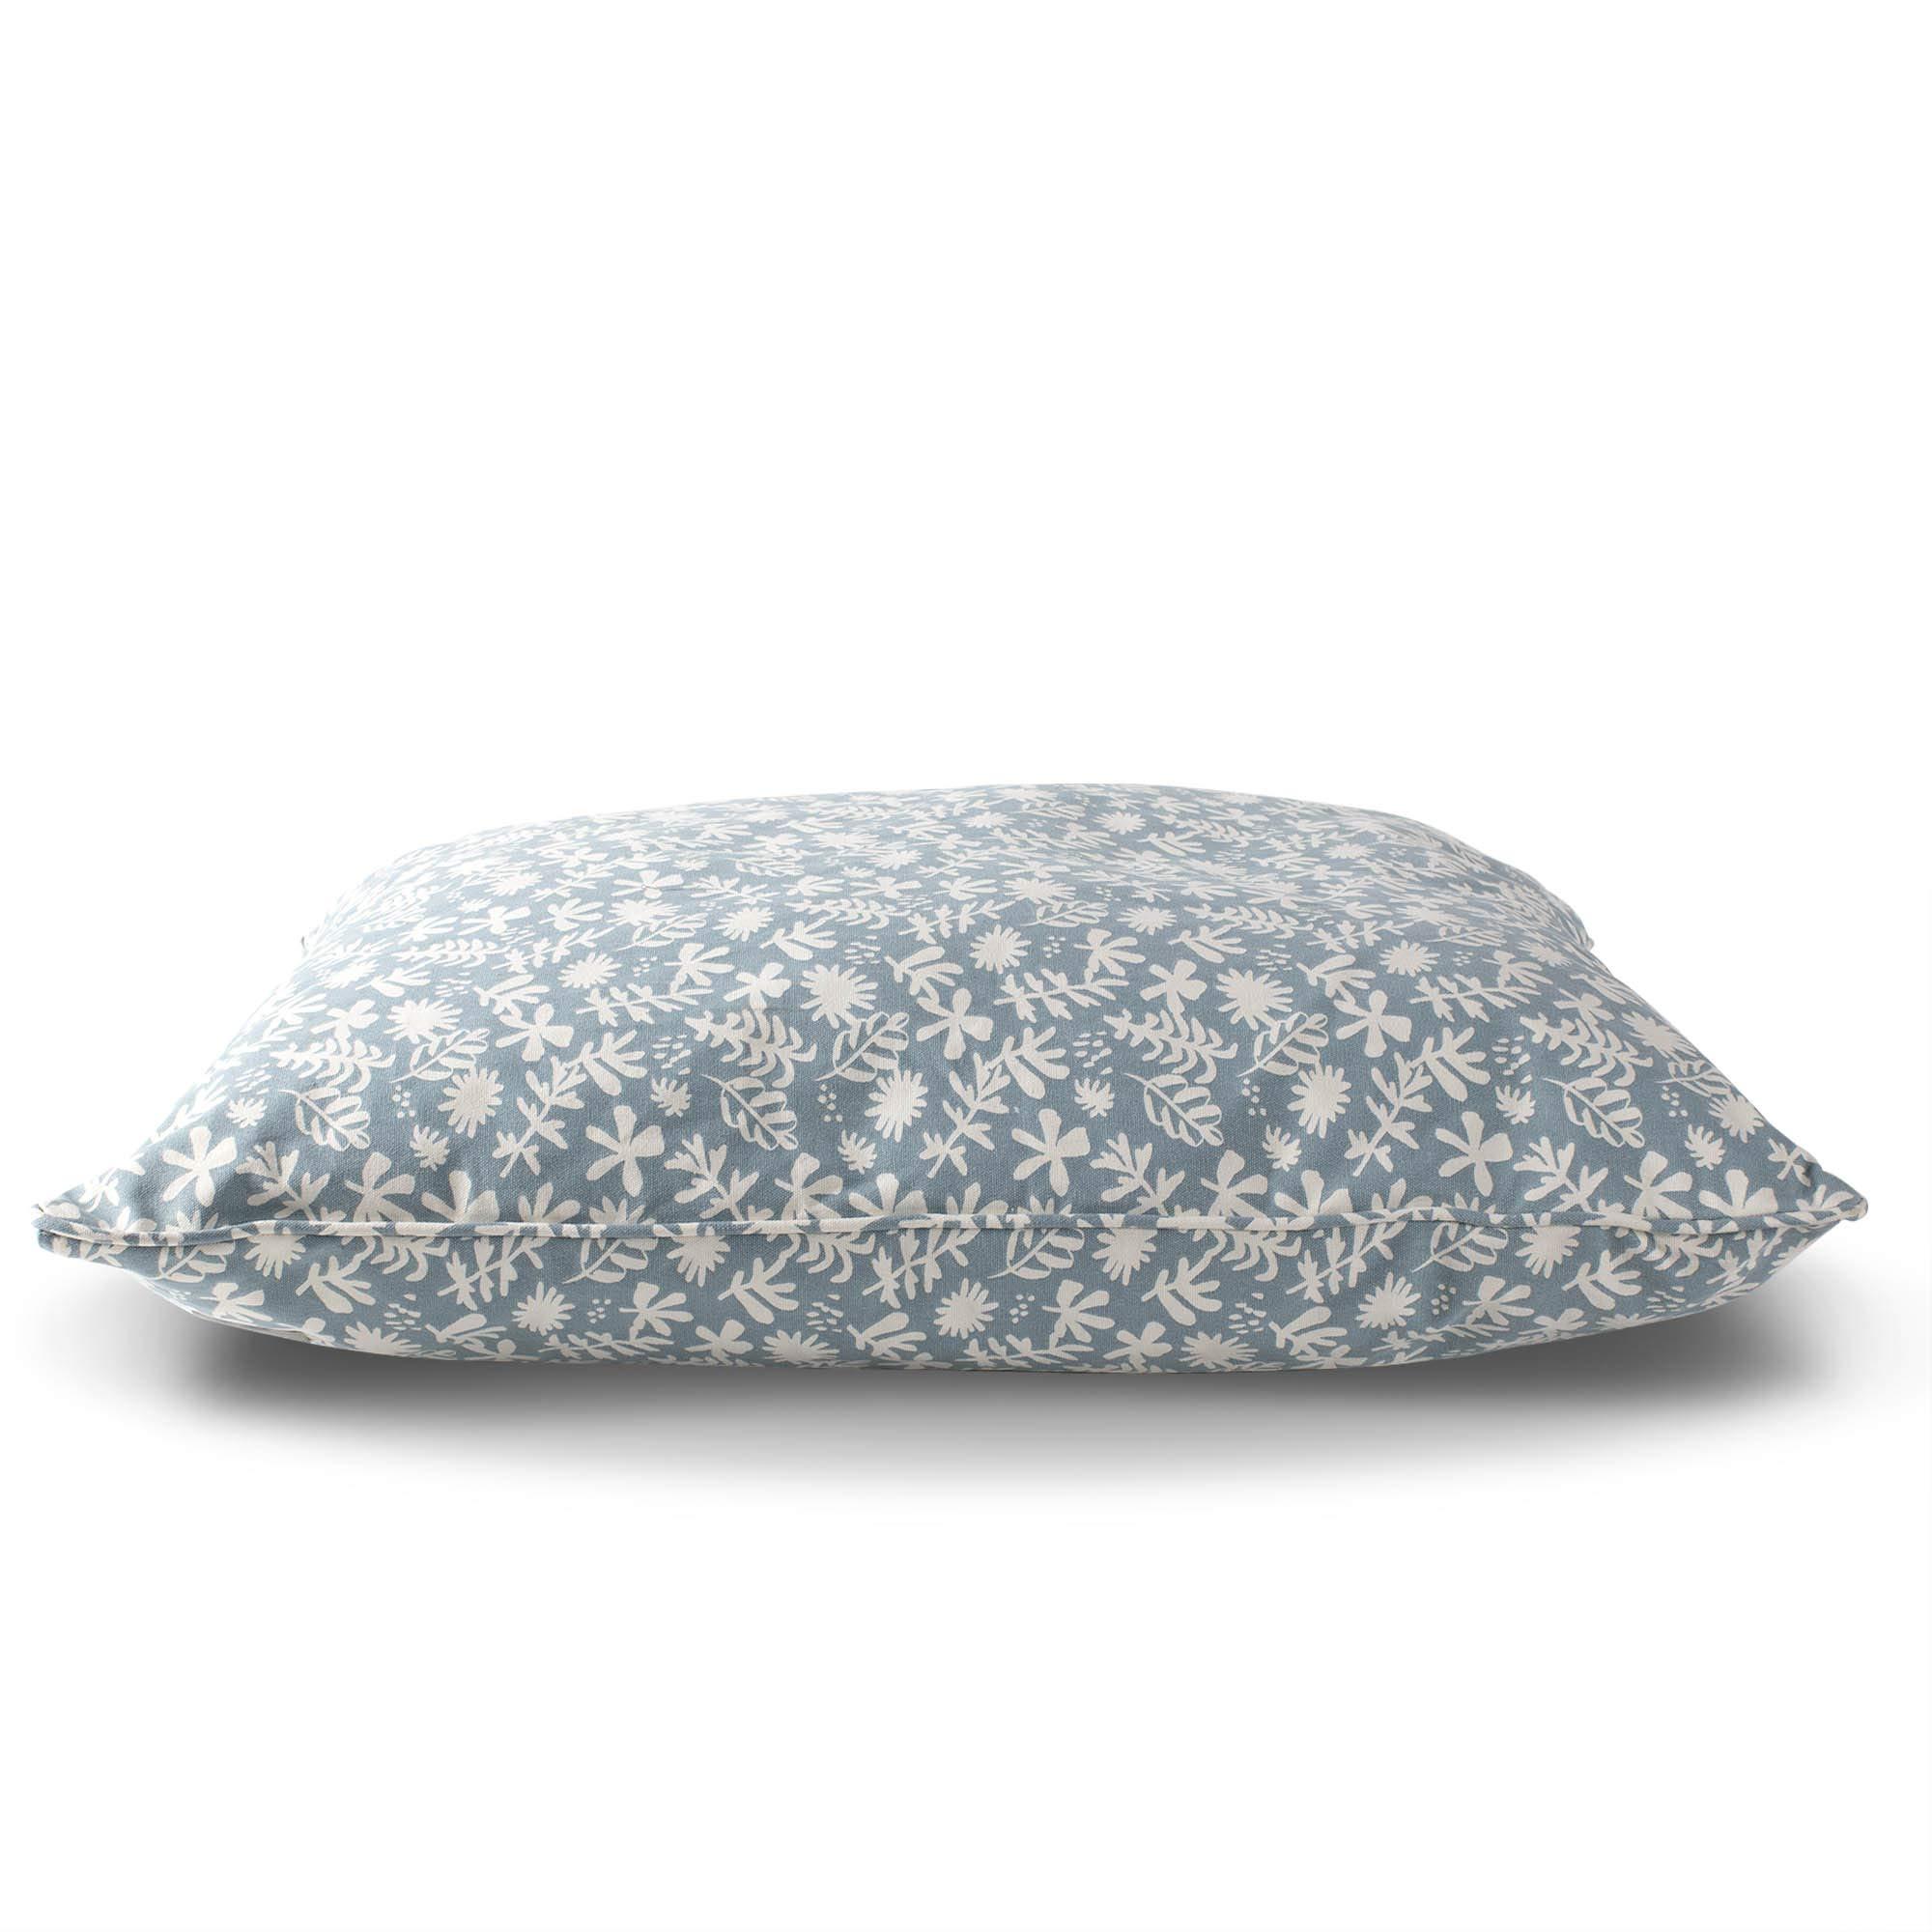 Fringe Studio Pet Bed, Desert Flower Pillow, 36 x 27 x 5 (225004) by Fringe Studio